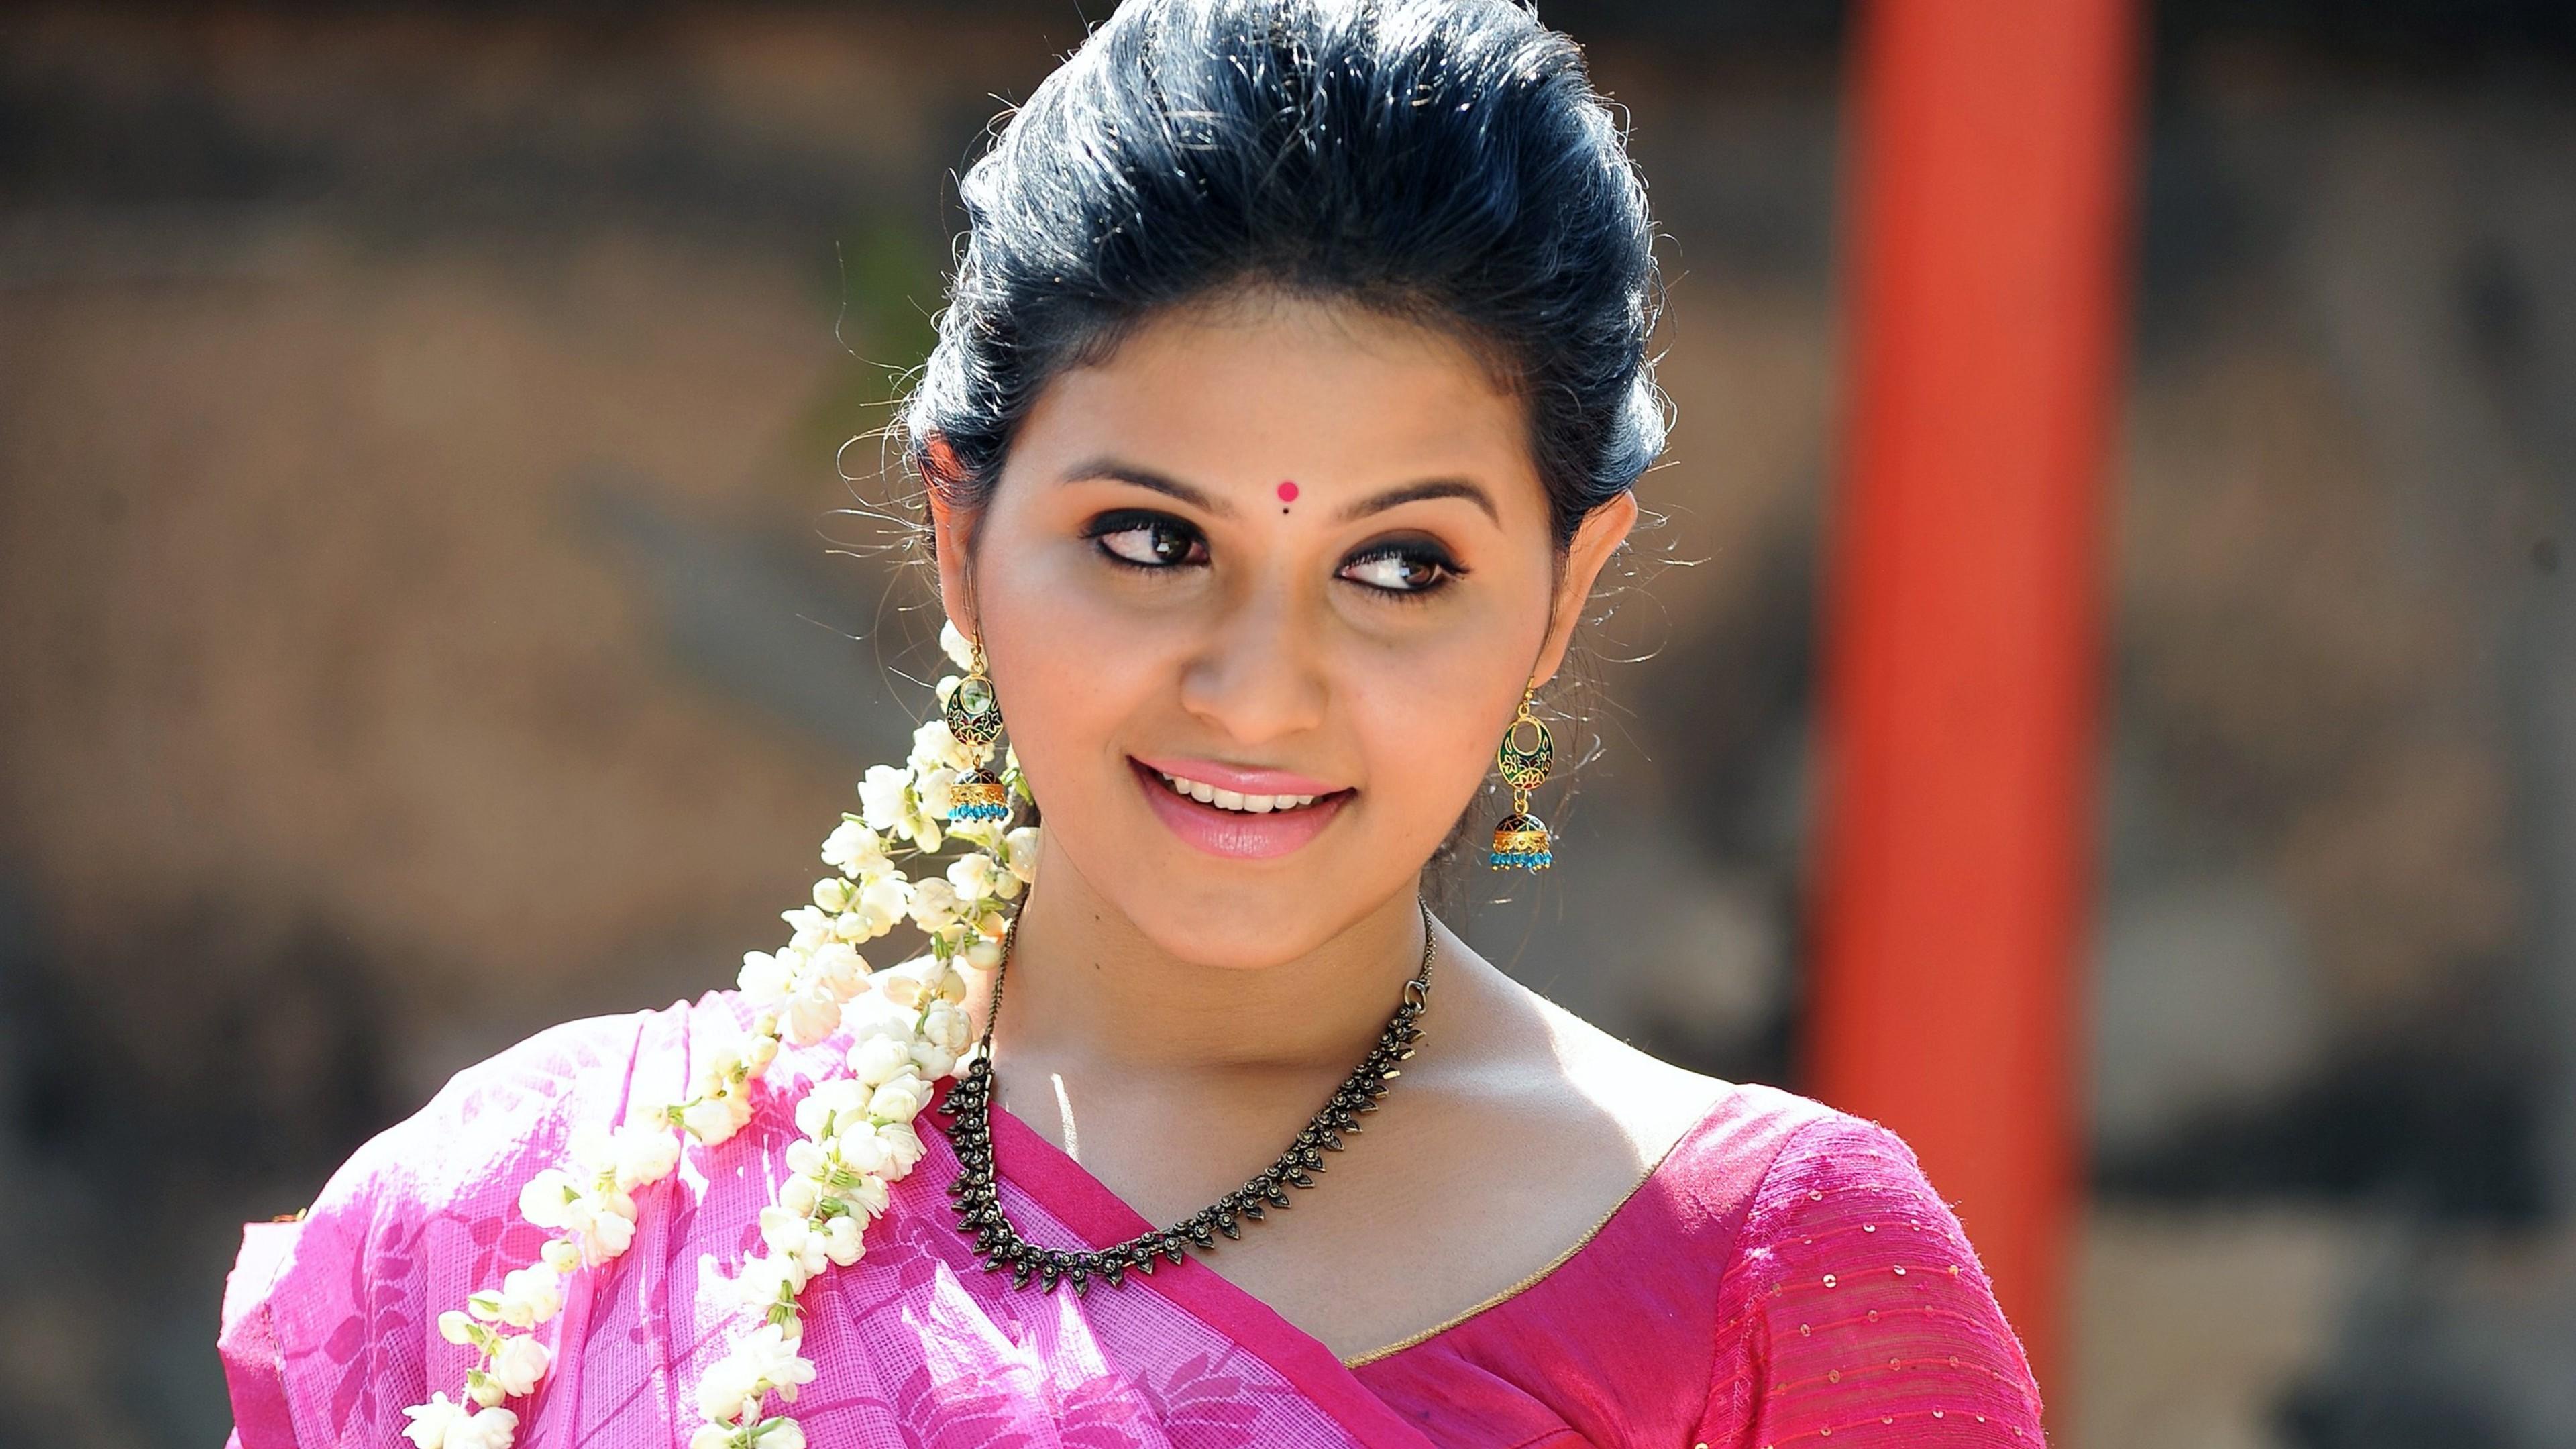 Actor Anjali Photos: 2880x1800 Anjali Actress Macbook Pro Retina HD 4k